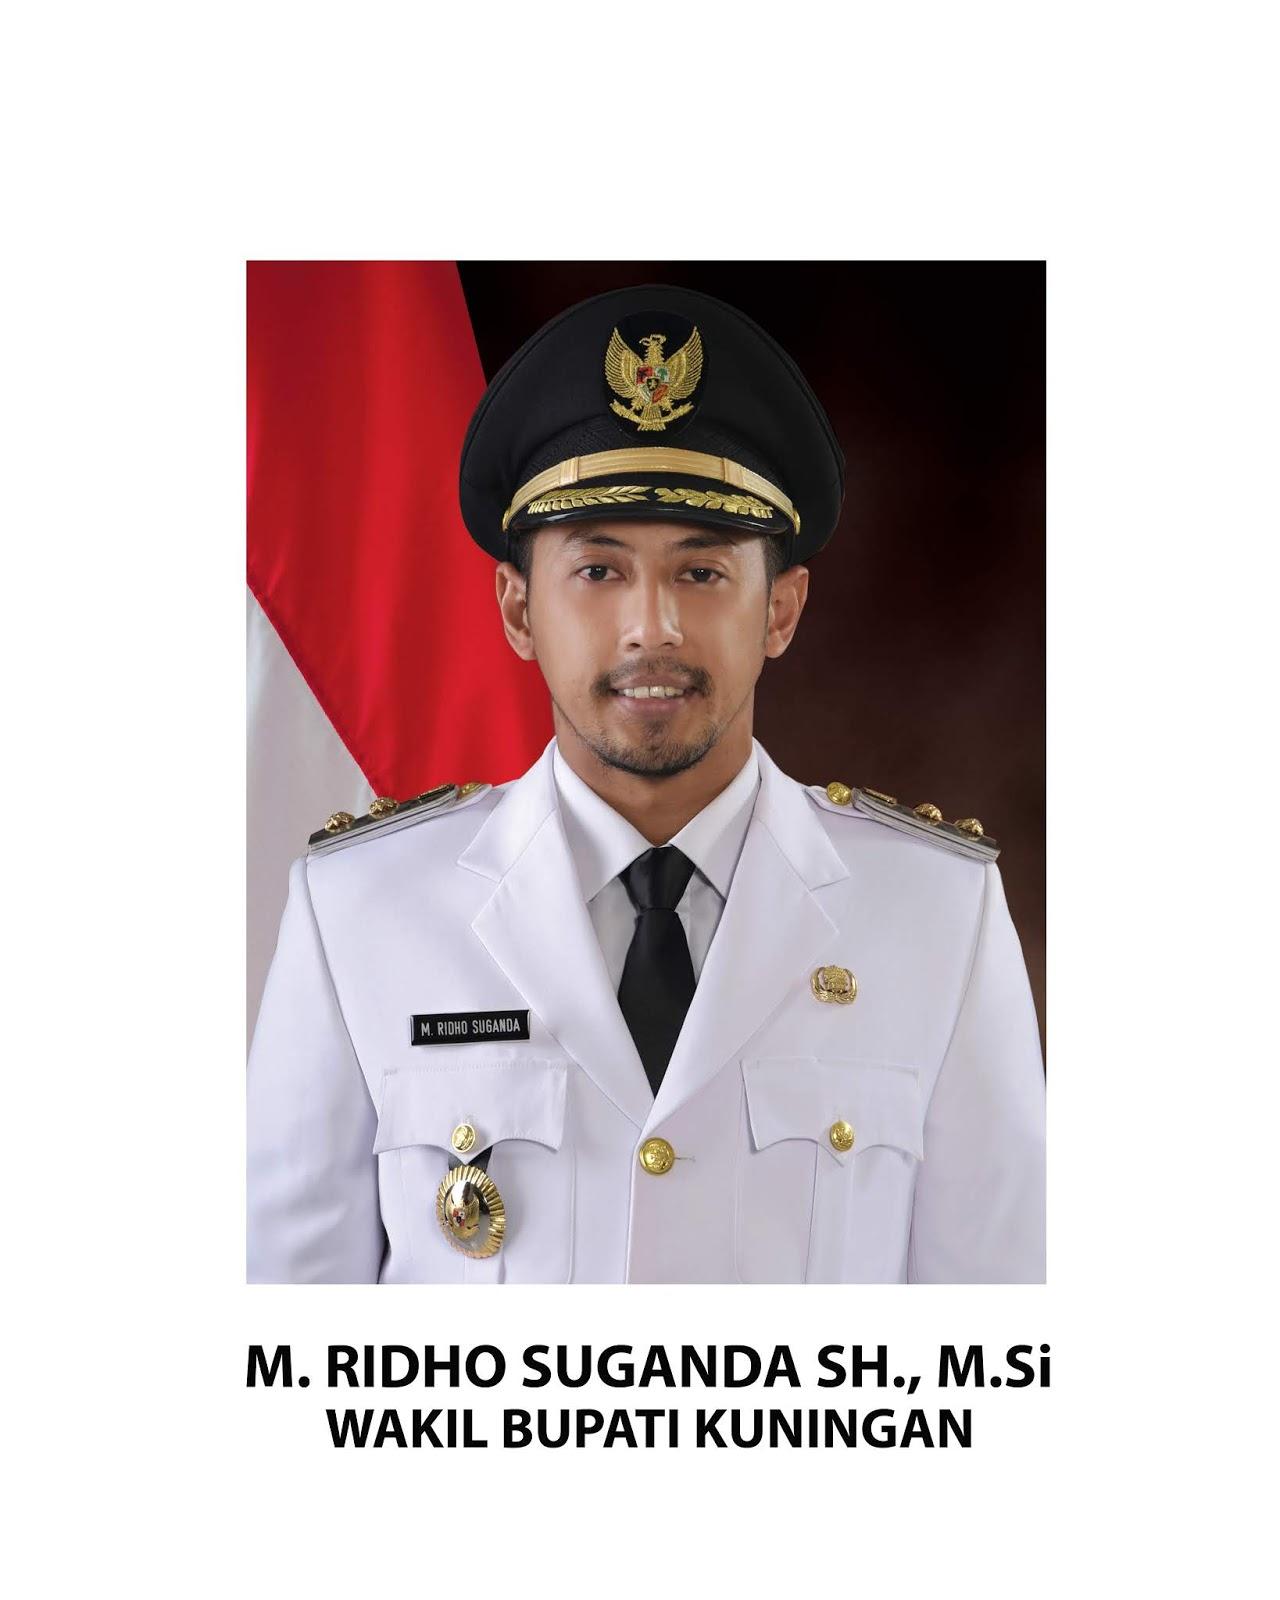 Wakil Bupati Kuningan Muhammad Ridho Suganda